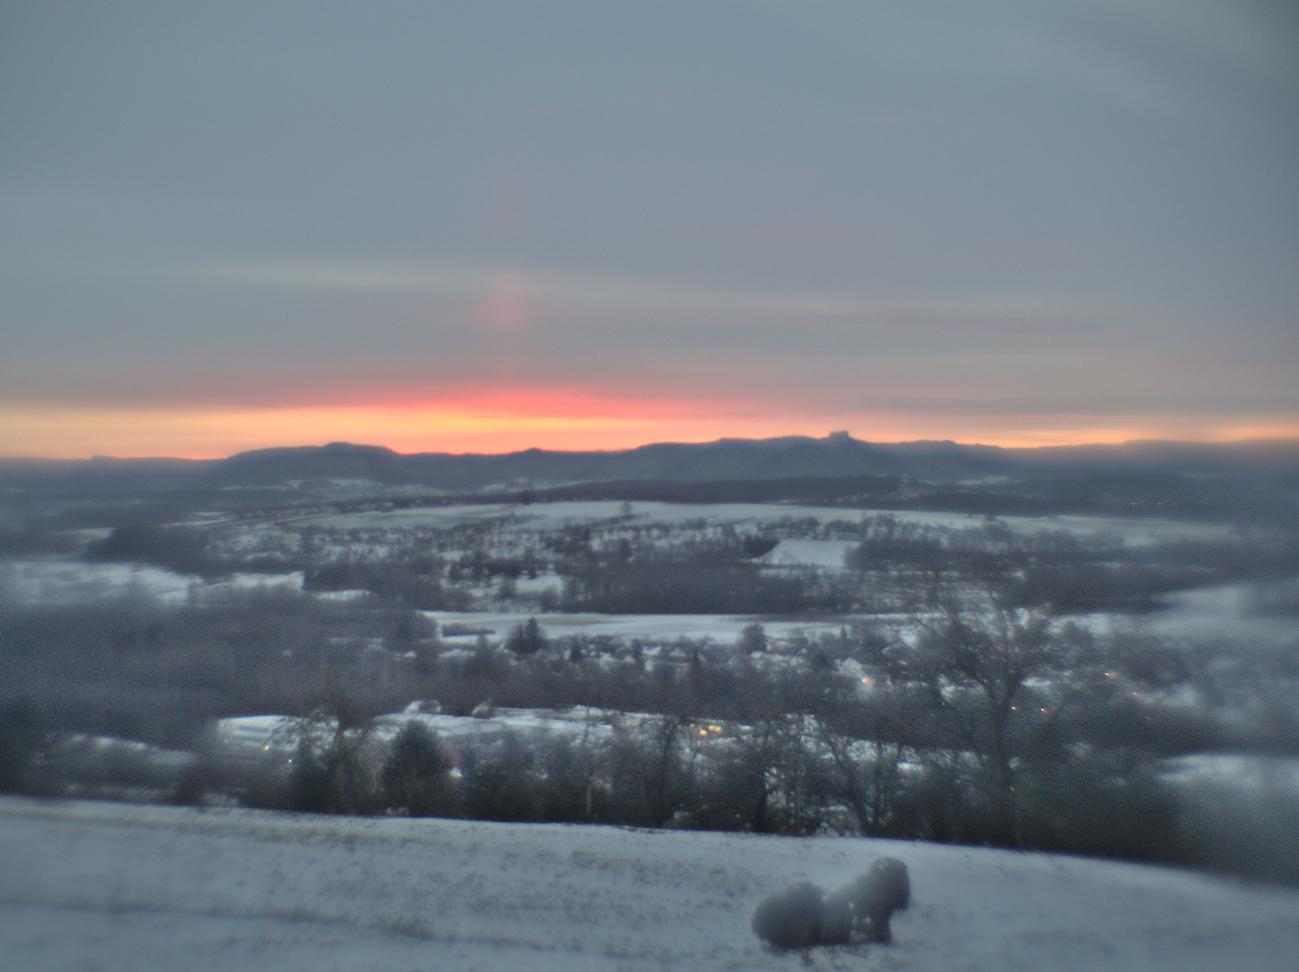 Bild der Woche #56 (KW03/2021) – Bild des Tages #22 — Noch vor Sonnenaufgang